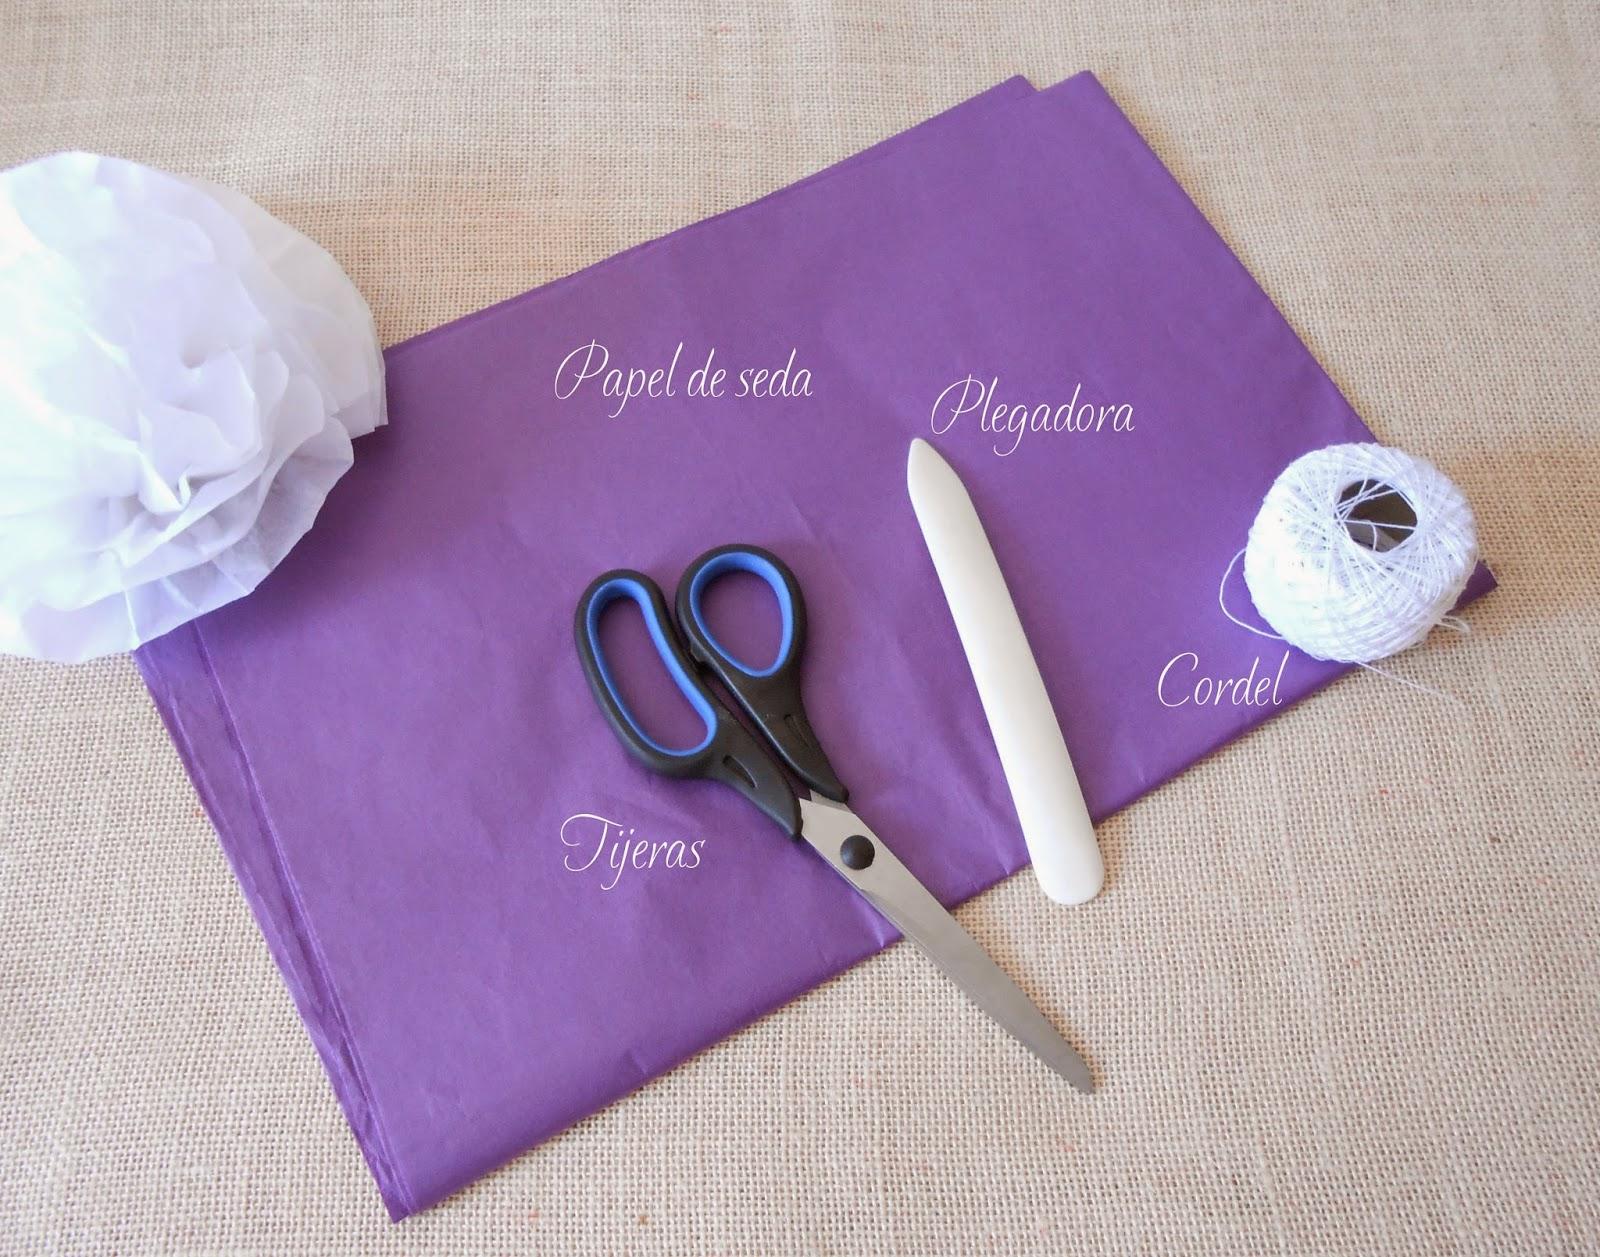 Dise o y decoraci n personalizada para eventos diy - Sedas para unas ...